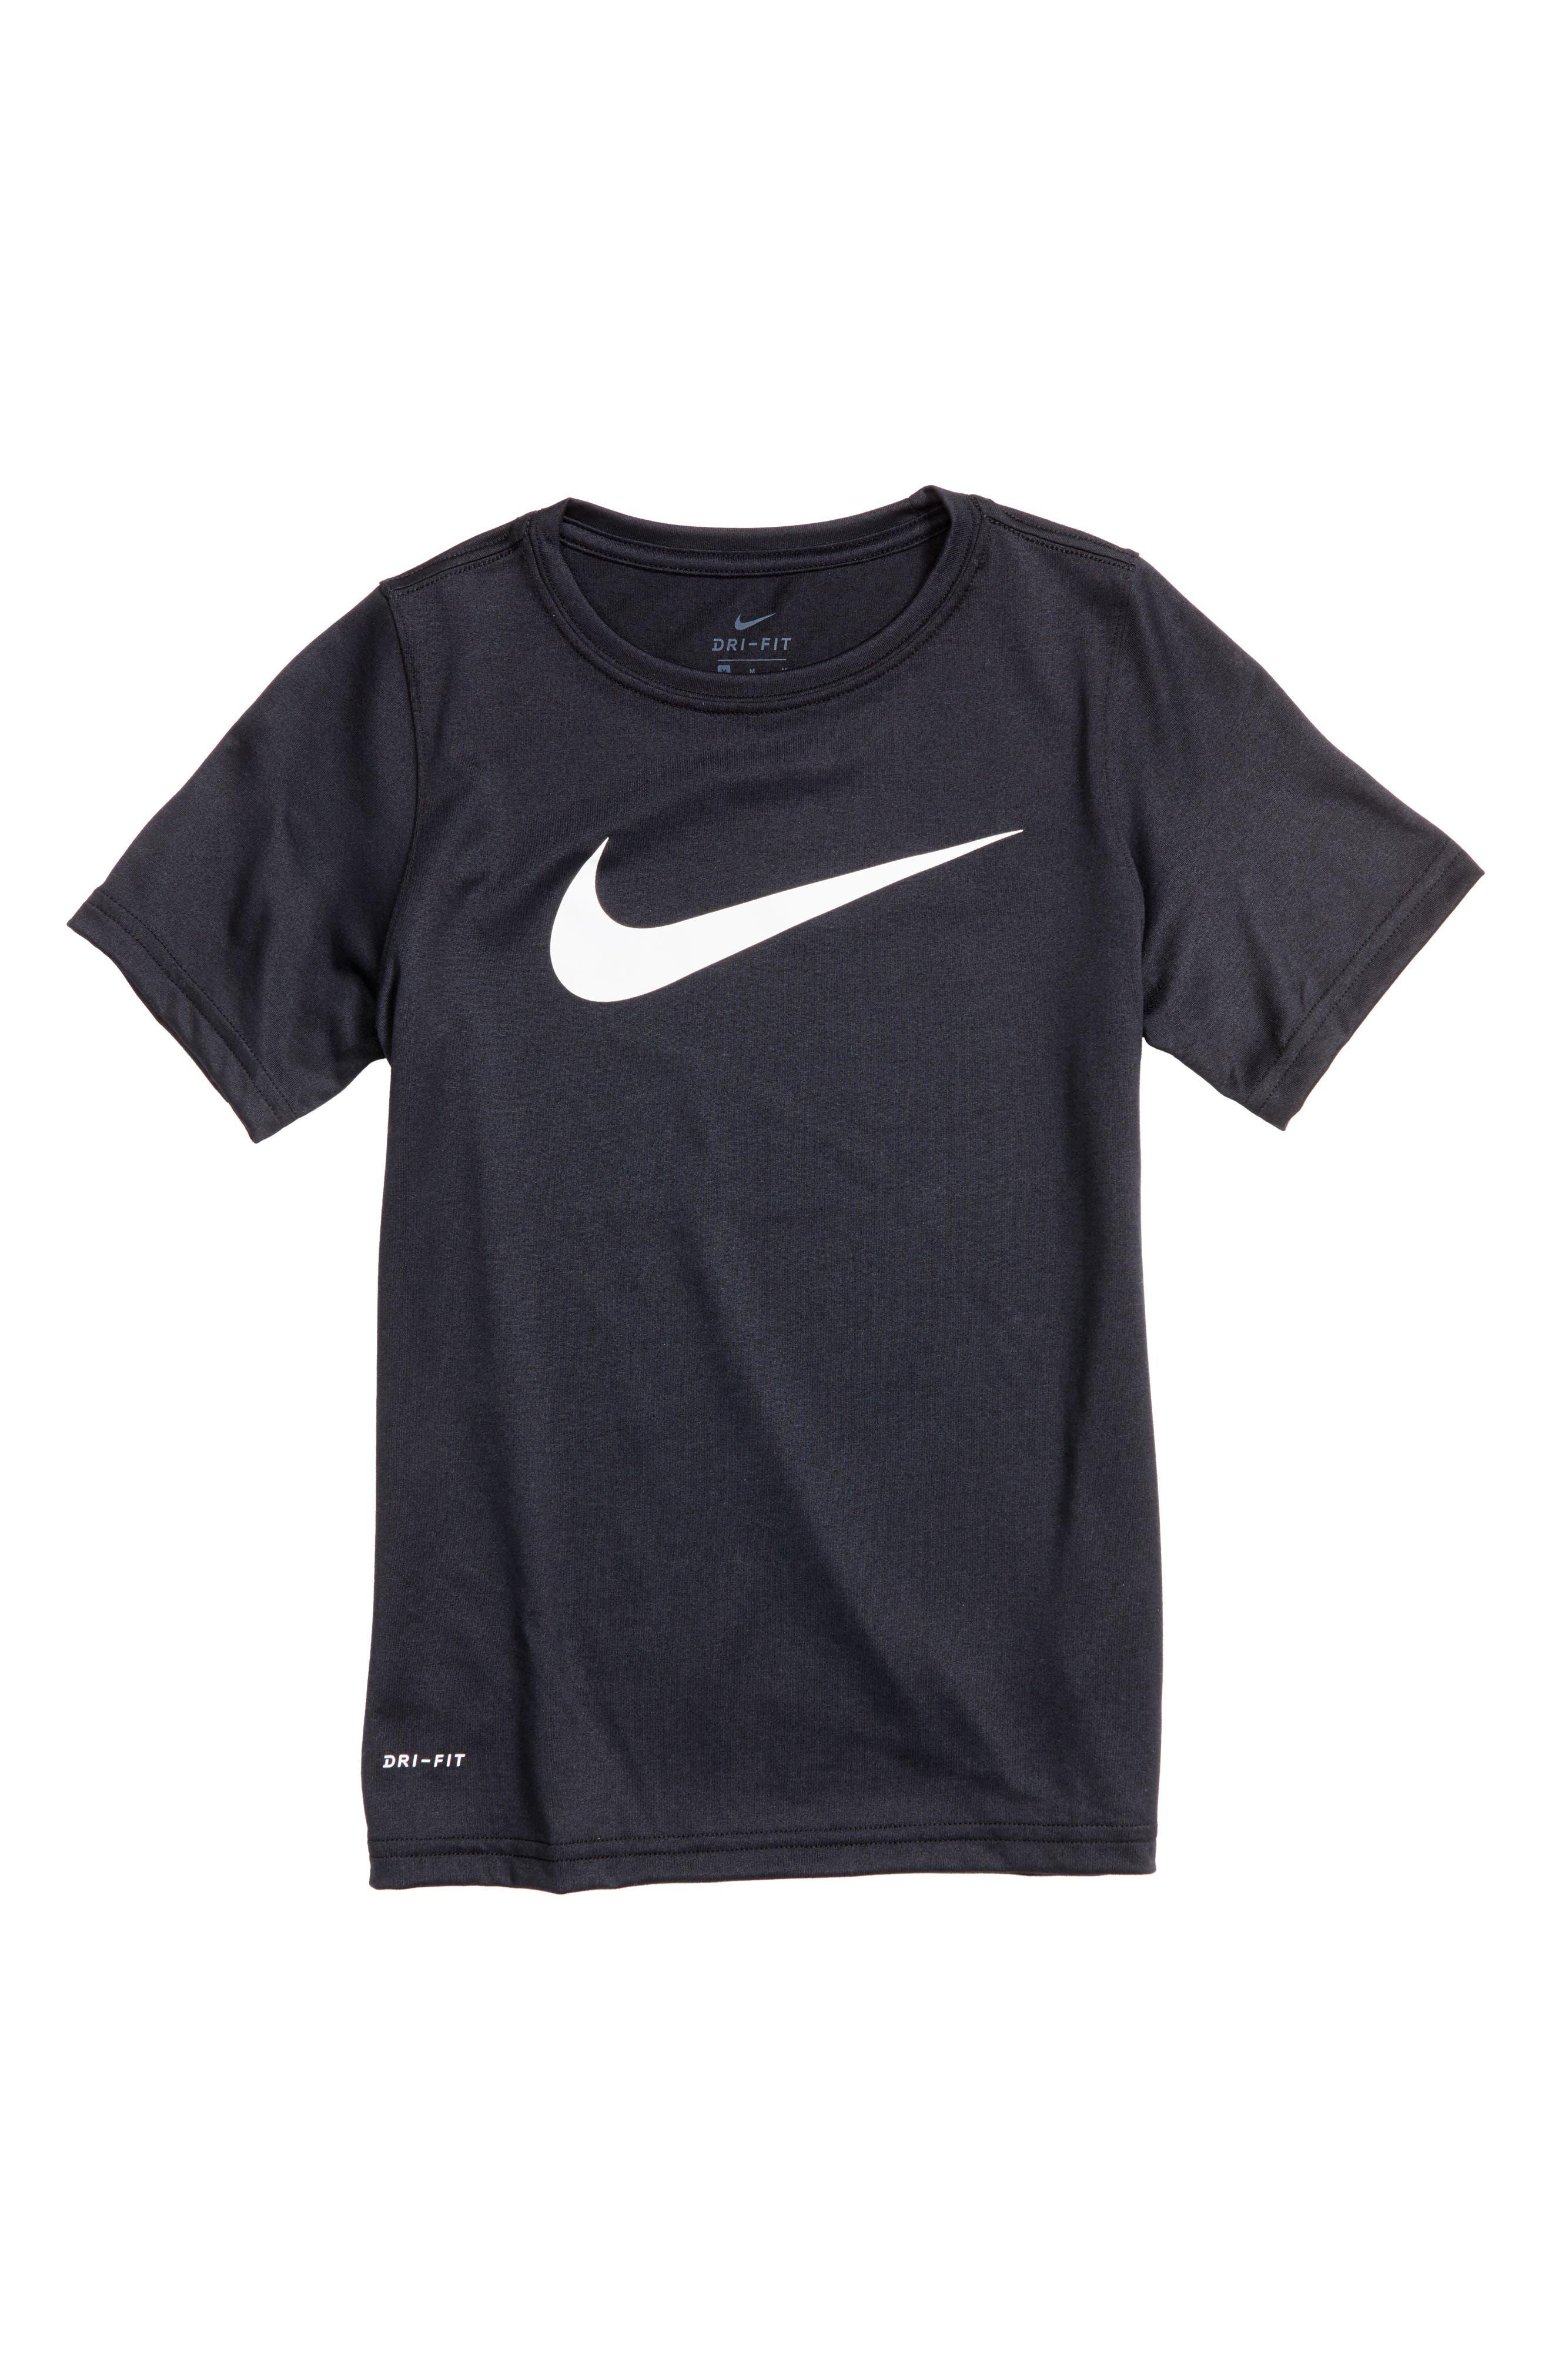 NIKE, Dry Swoosh T-Shirt, Main thumbnail 1, color, 010